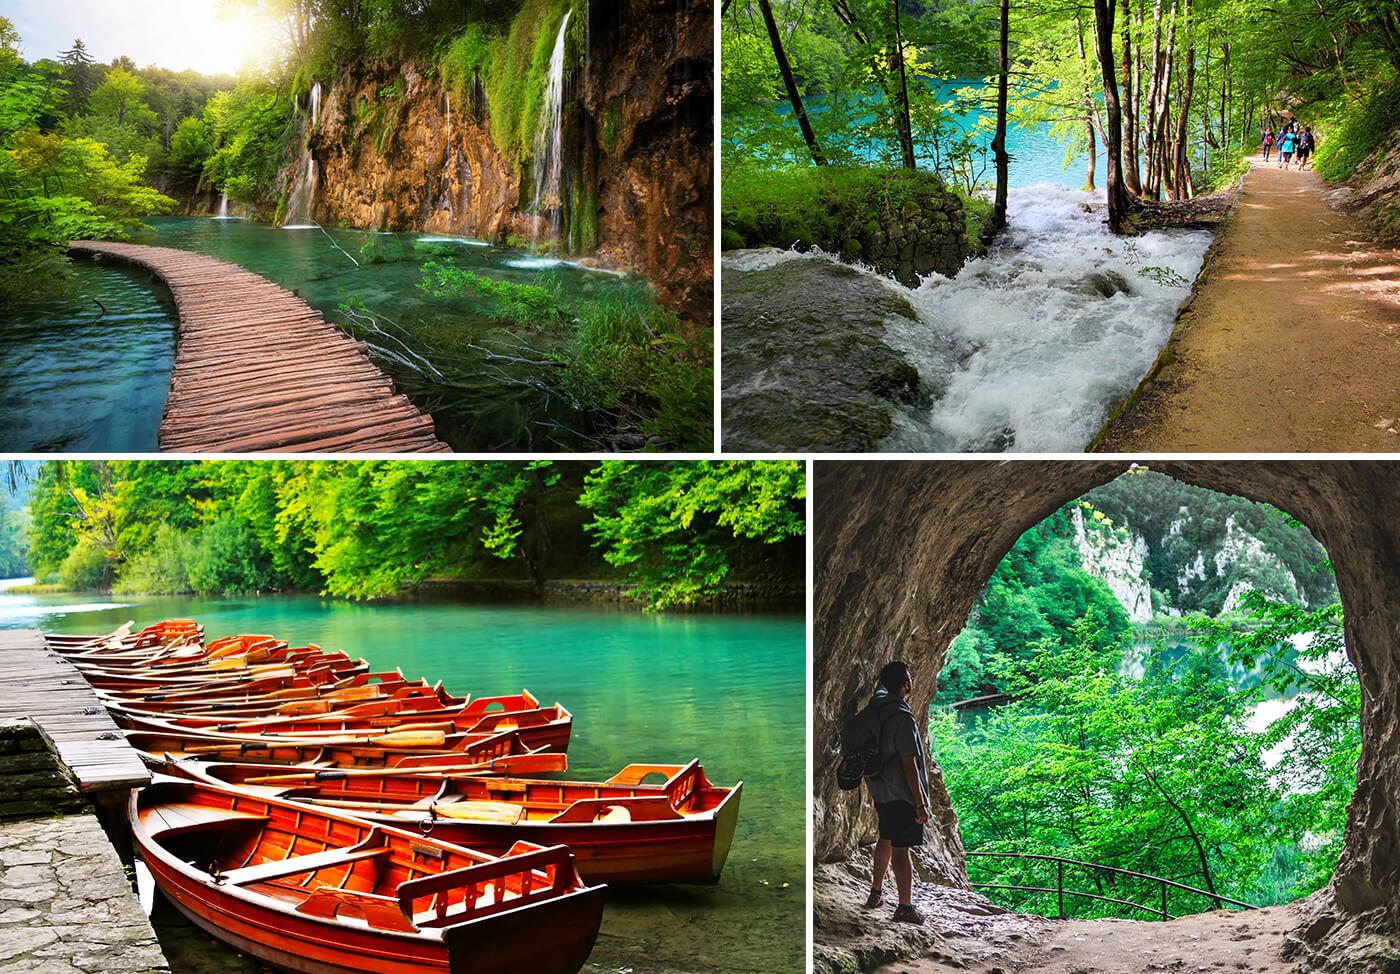 Visita al Parco Naturale dei Laghi di Plitvice in Croazia